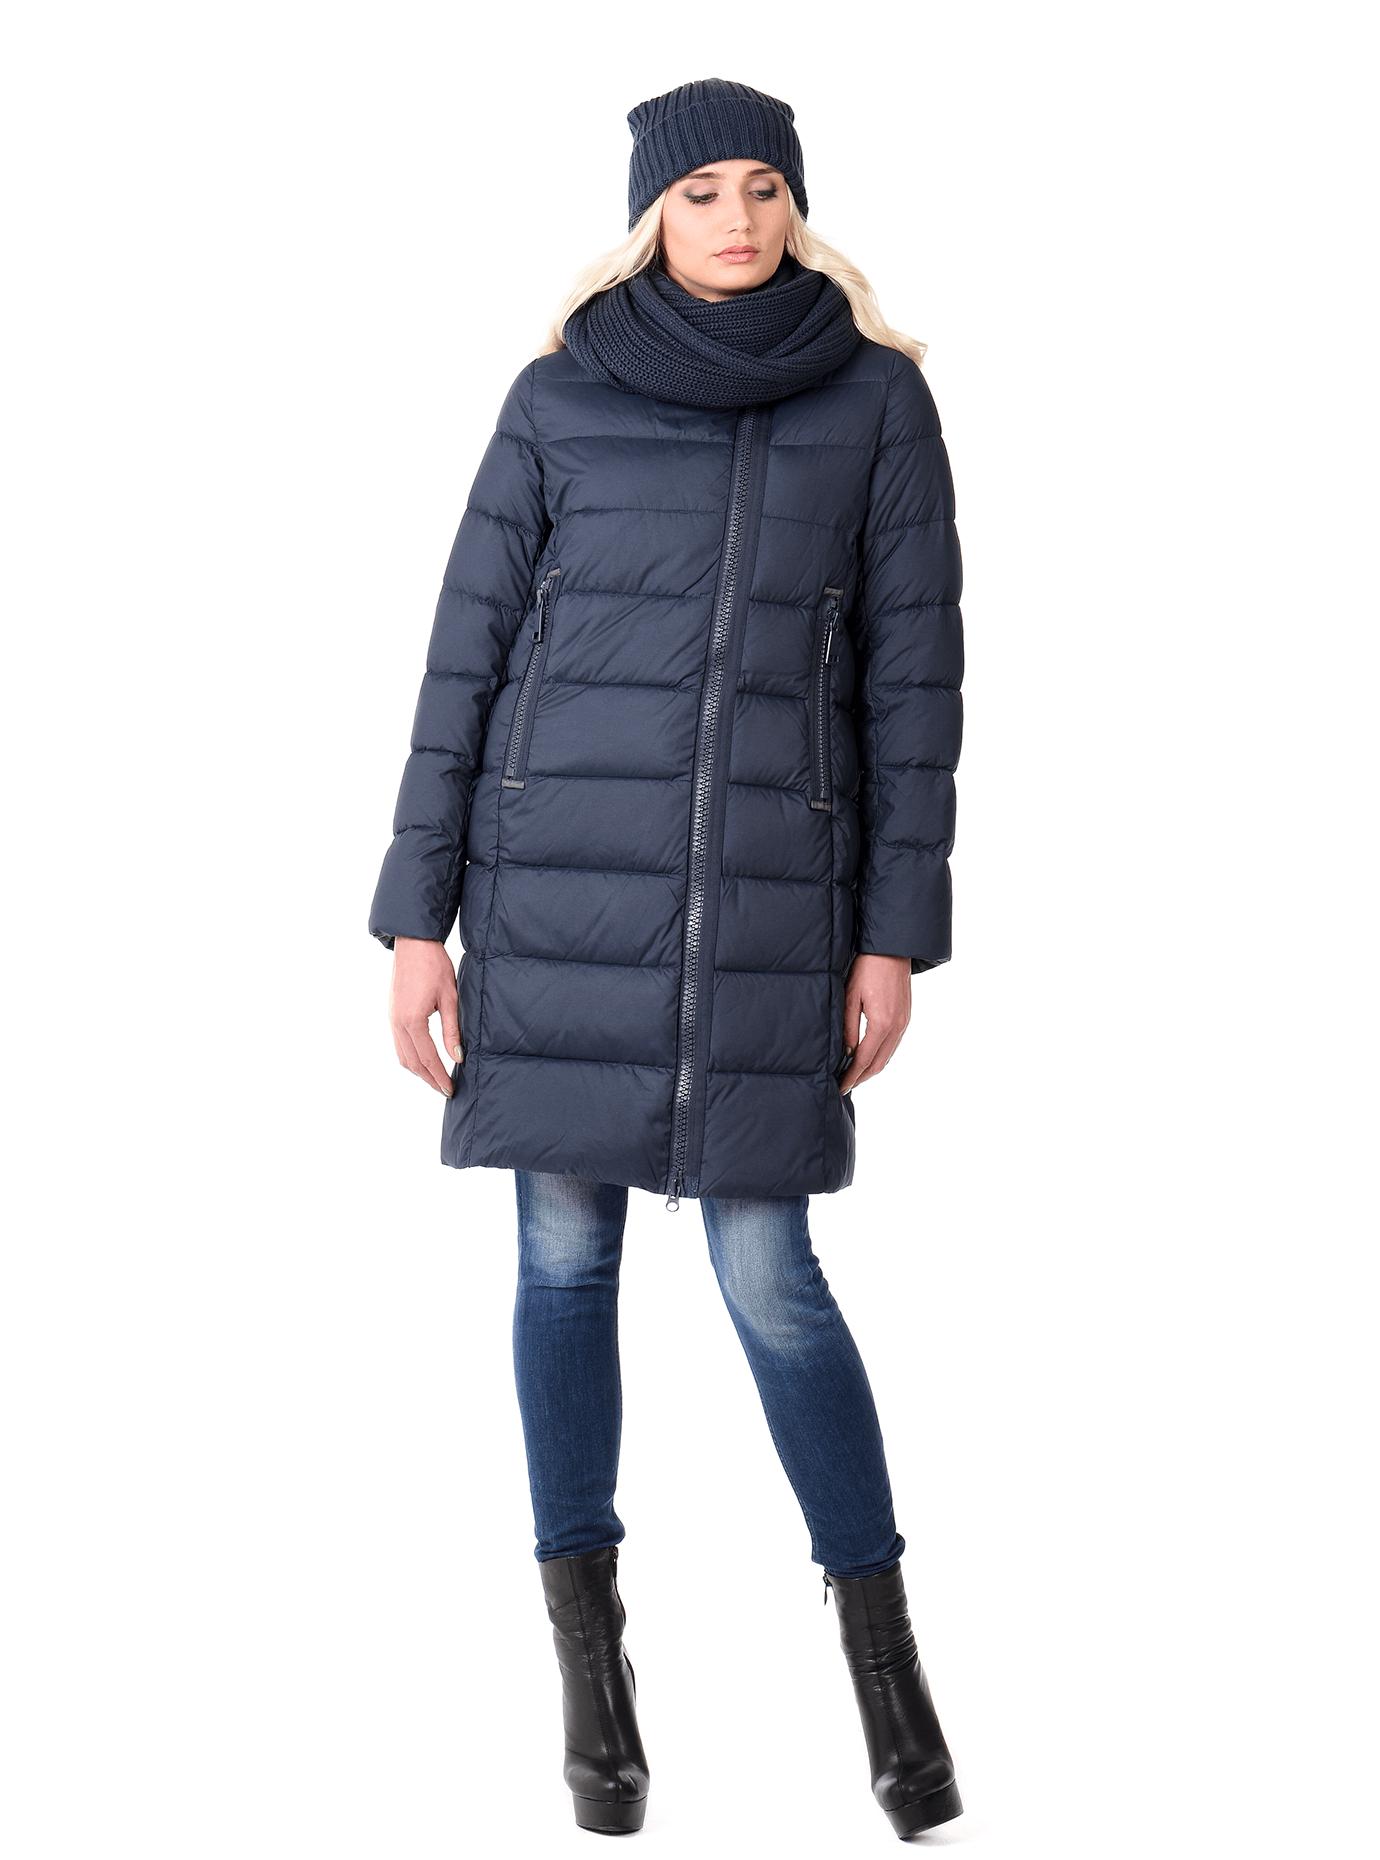 Куртка зимняя женская на молнии Чёрный S (02-CR170391): фото - Alster.ua